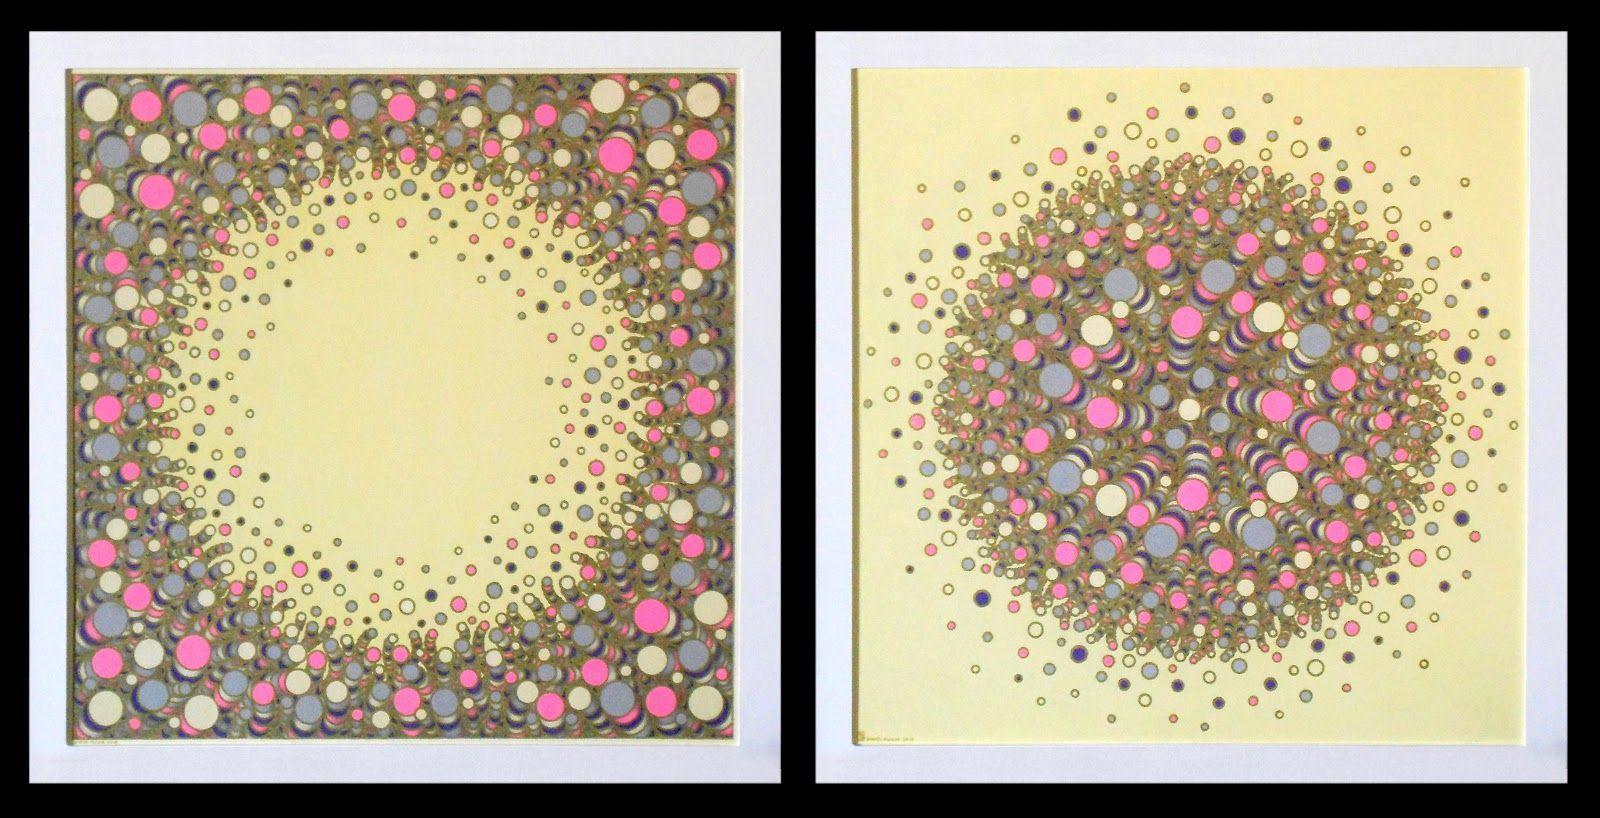 12-02 Técnica mixta, 55 cms x 55 cms cada uno.